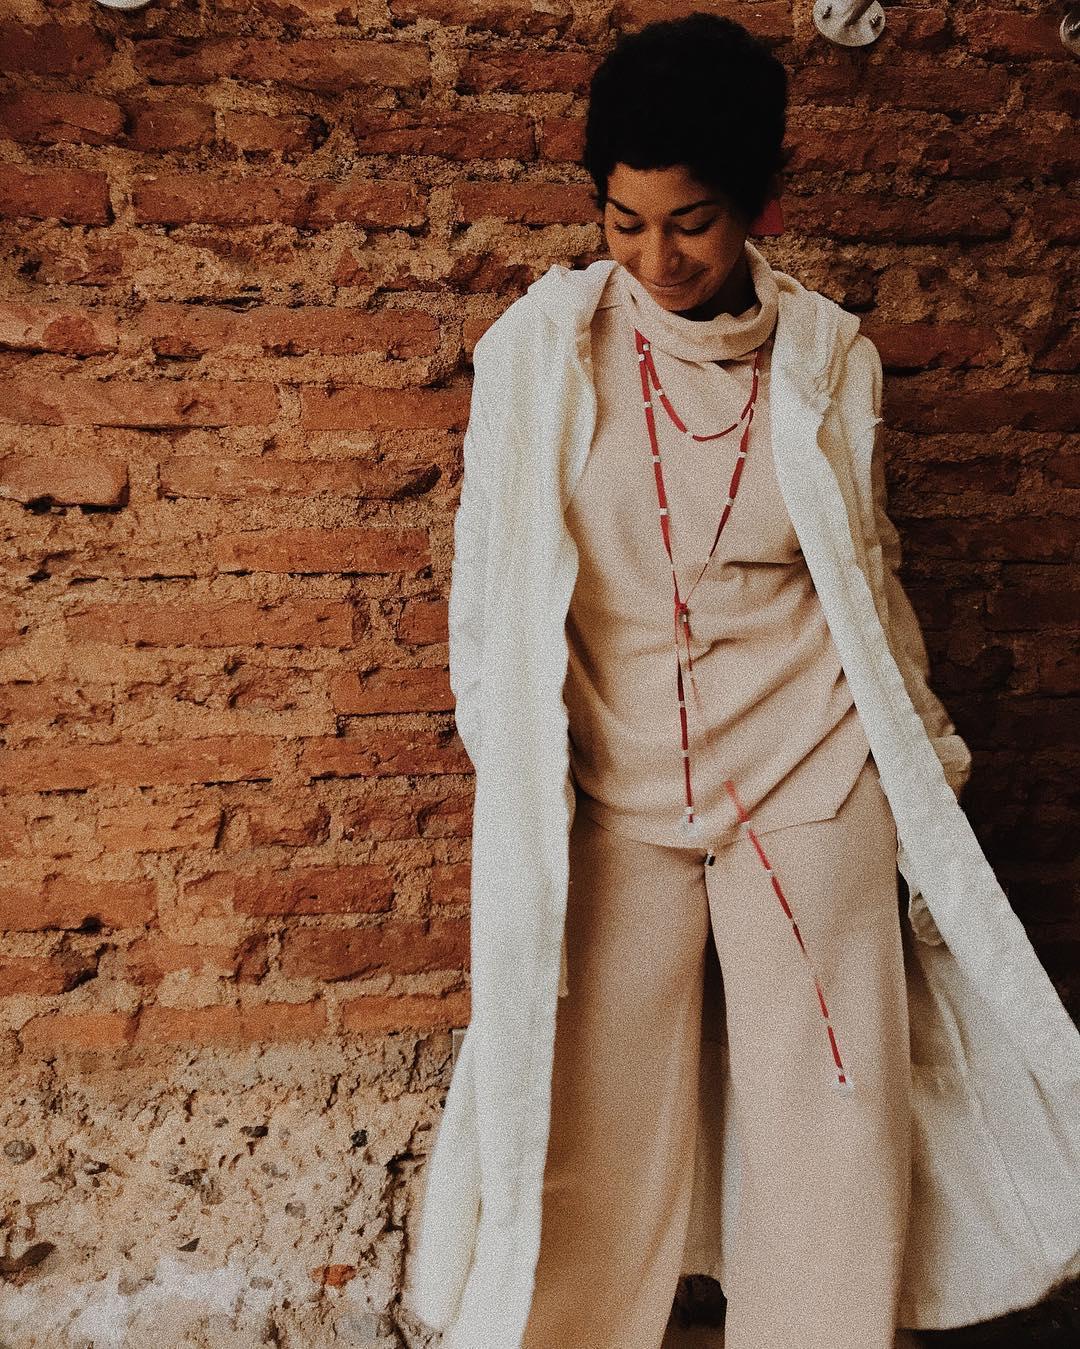 Tenida de beatle y pantalón beige con abrigo blanco y collar rojo de Mercado Moderno Valparaíso